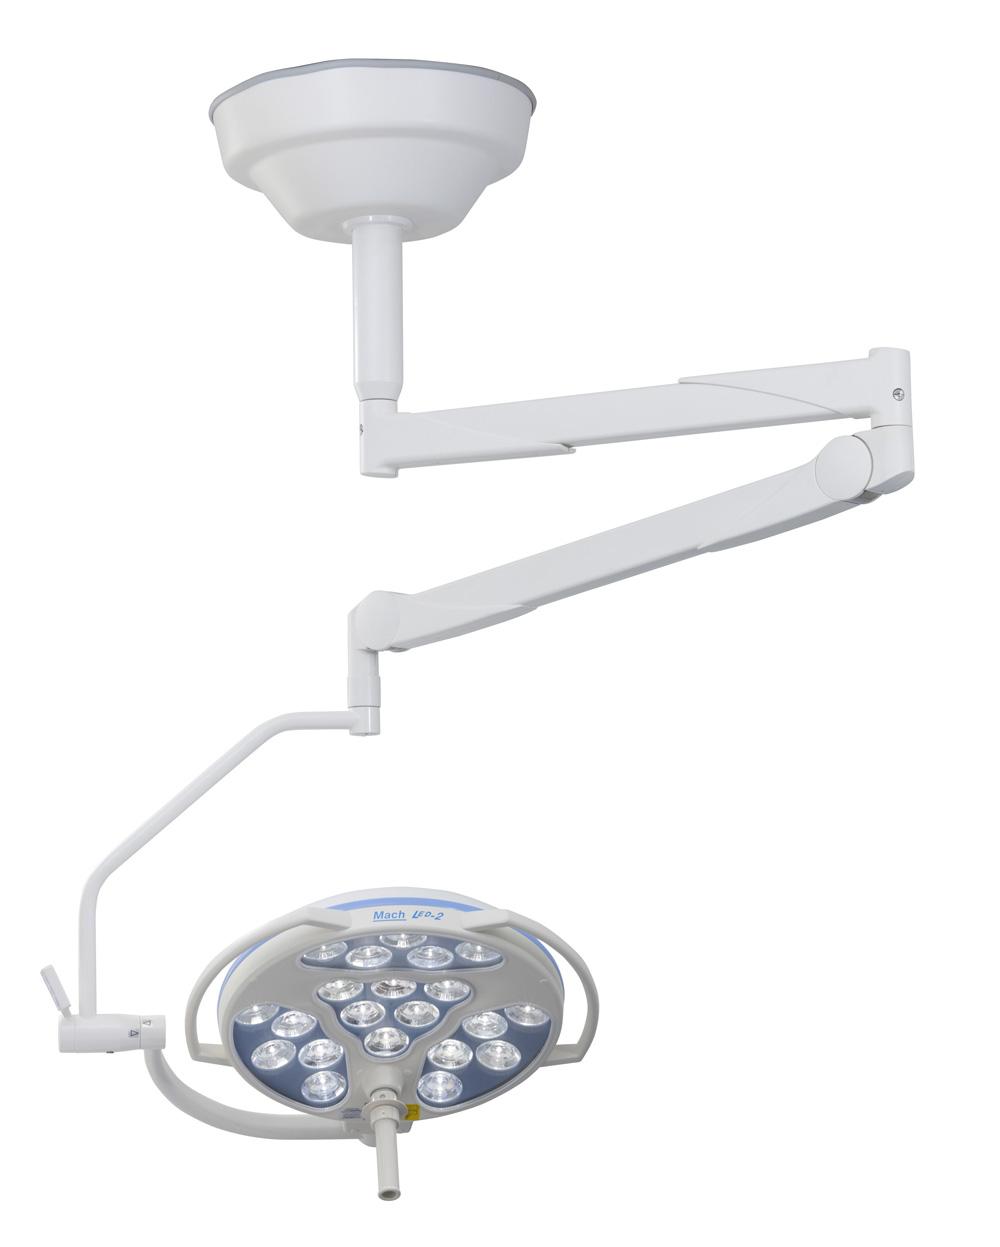 OP Leuchte Mach LED 12 Smart Decken OP Lampe